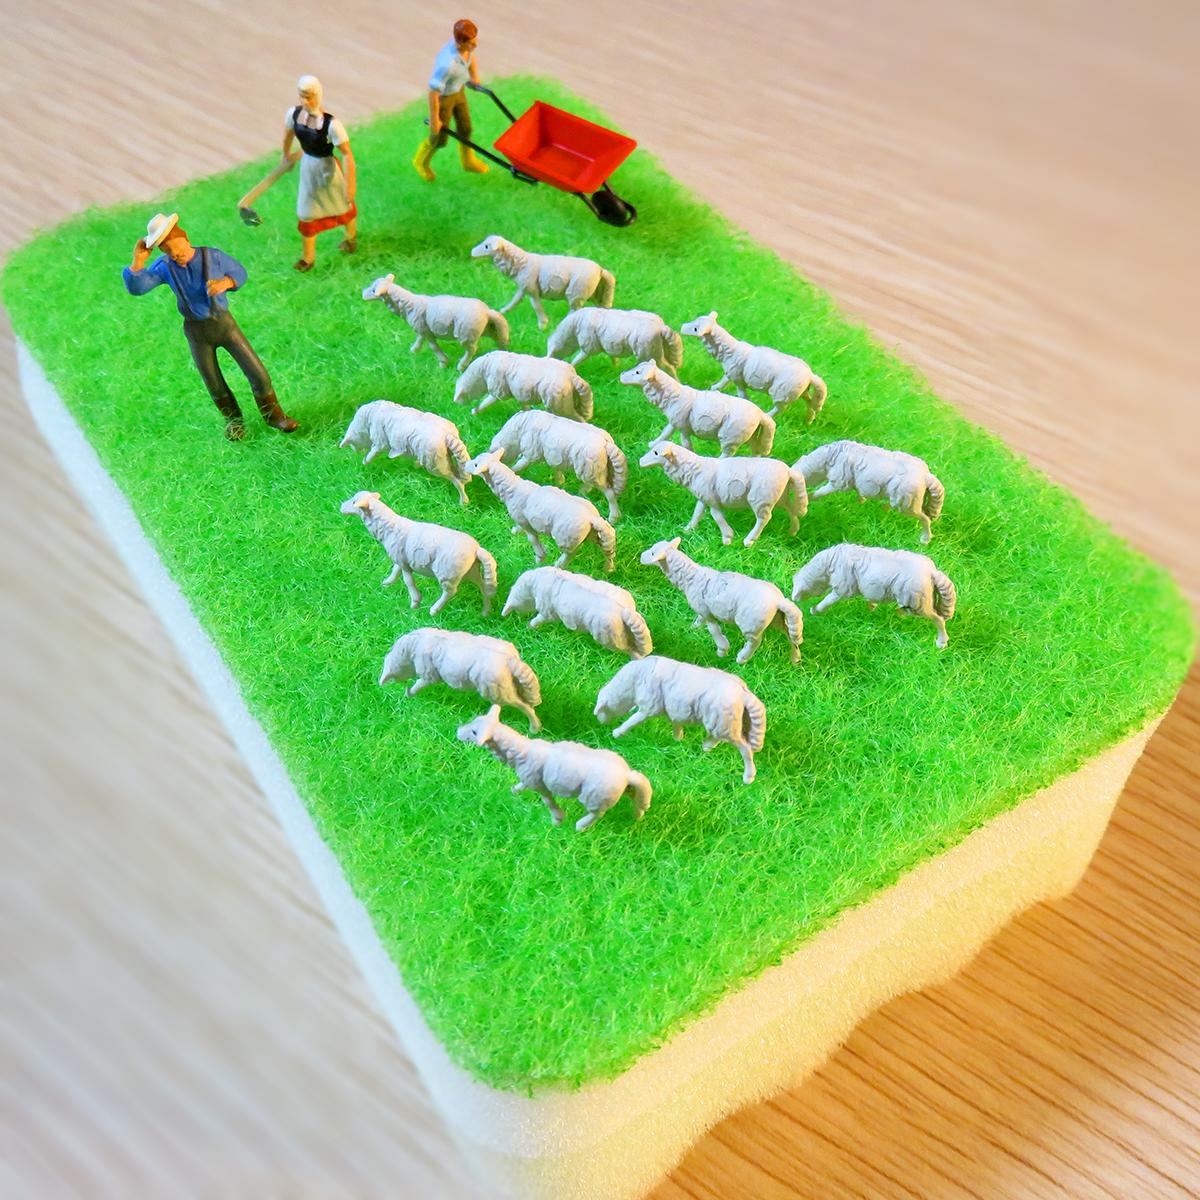 スポンジ牧場で飼育してる羊と羊飼い